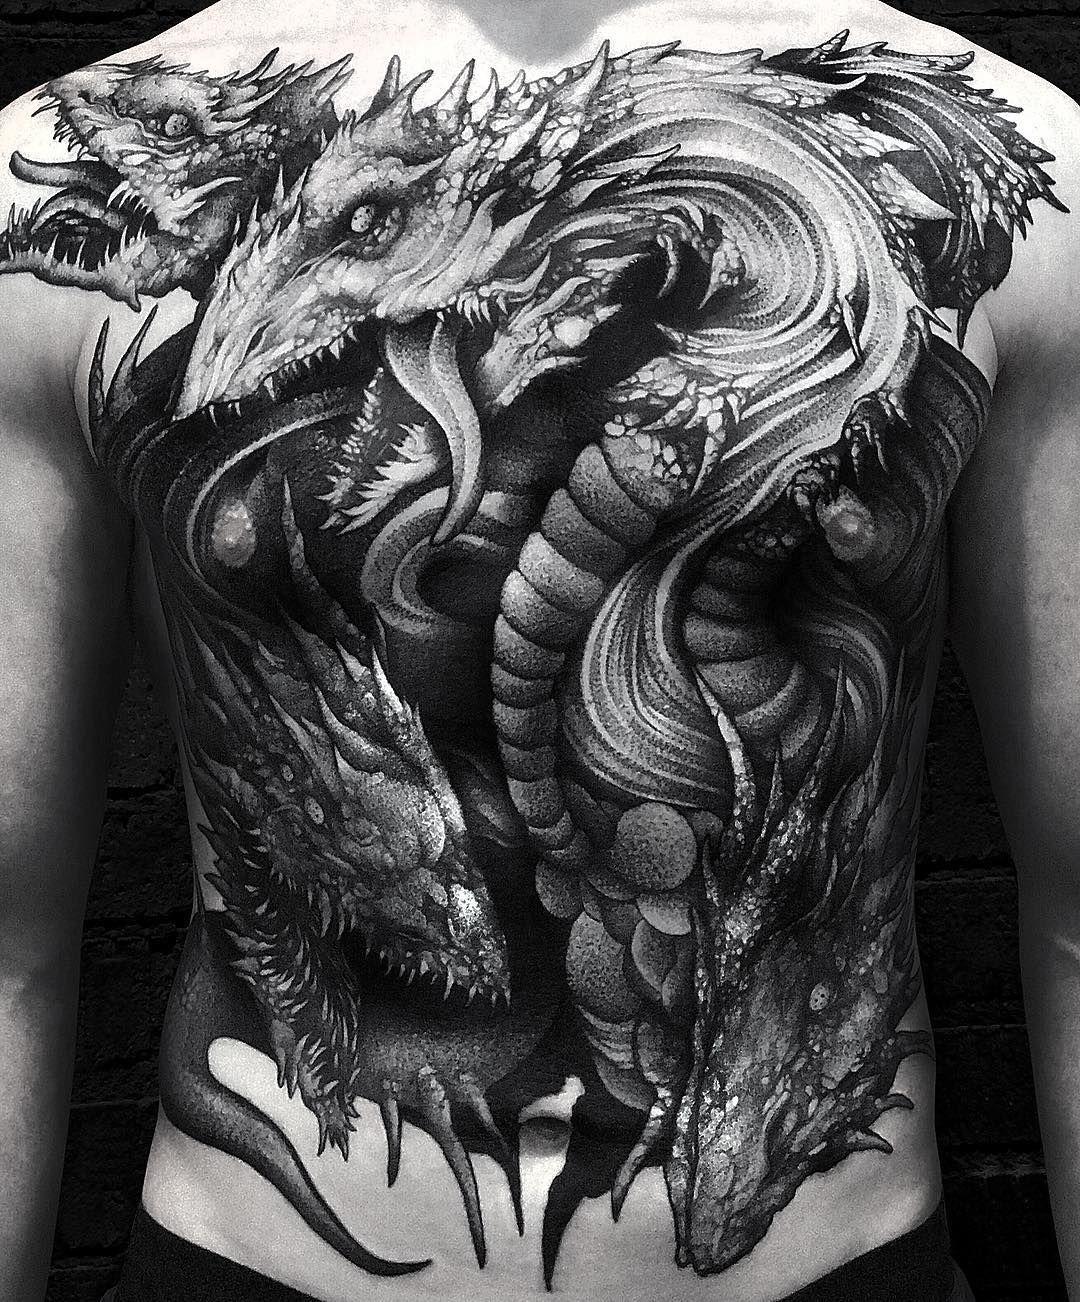 Greek Hydra Tattoo : greek, hydra, tattoo, Blackwork, Hydra, Tattoo, Wpkorvis, Tattoos,, Tattoos, Guys,